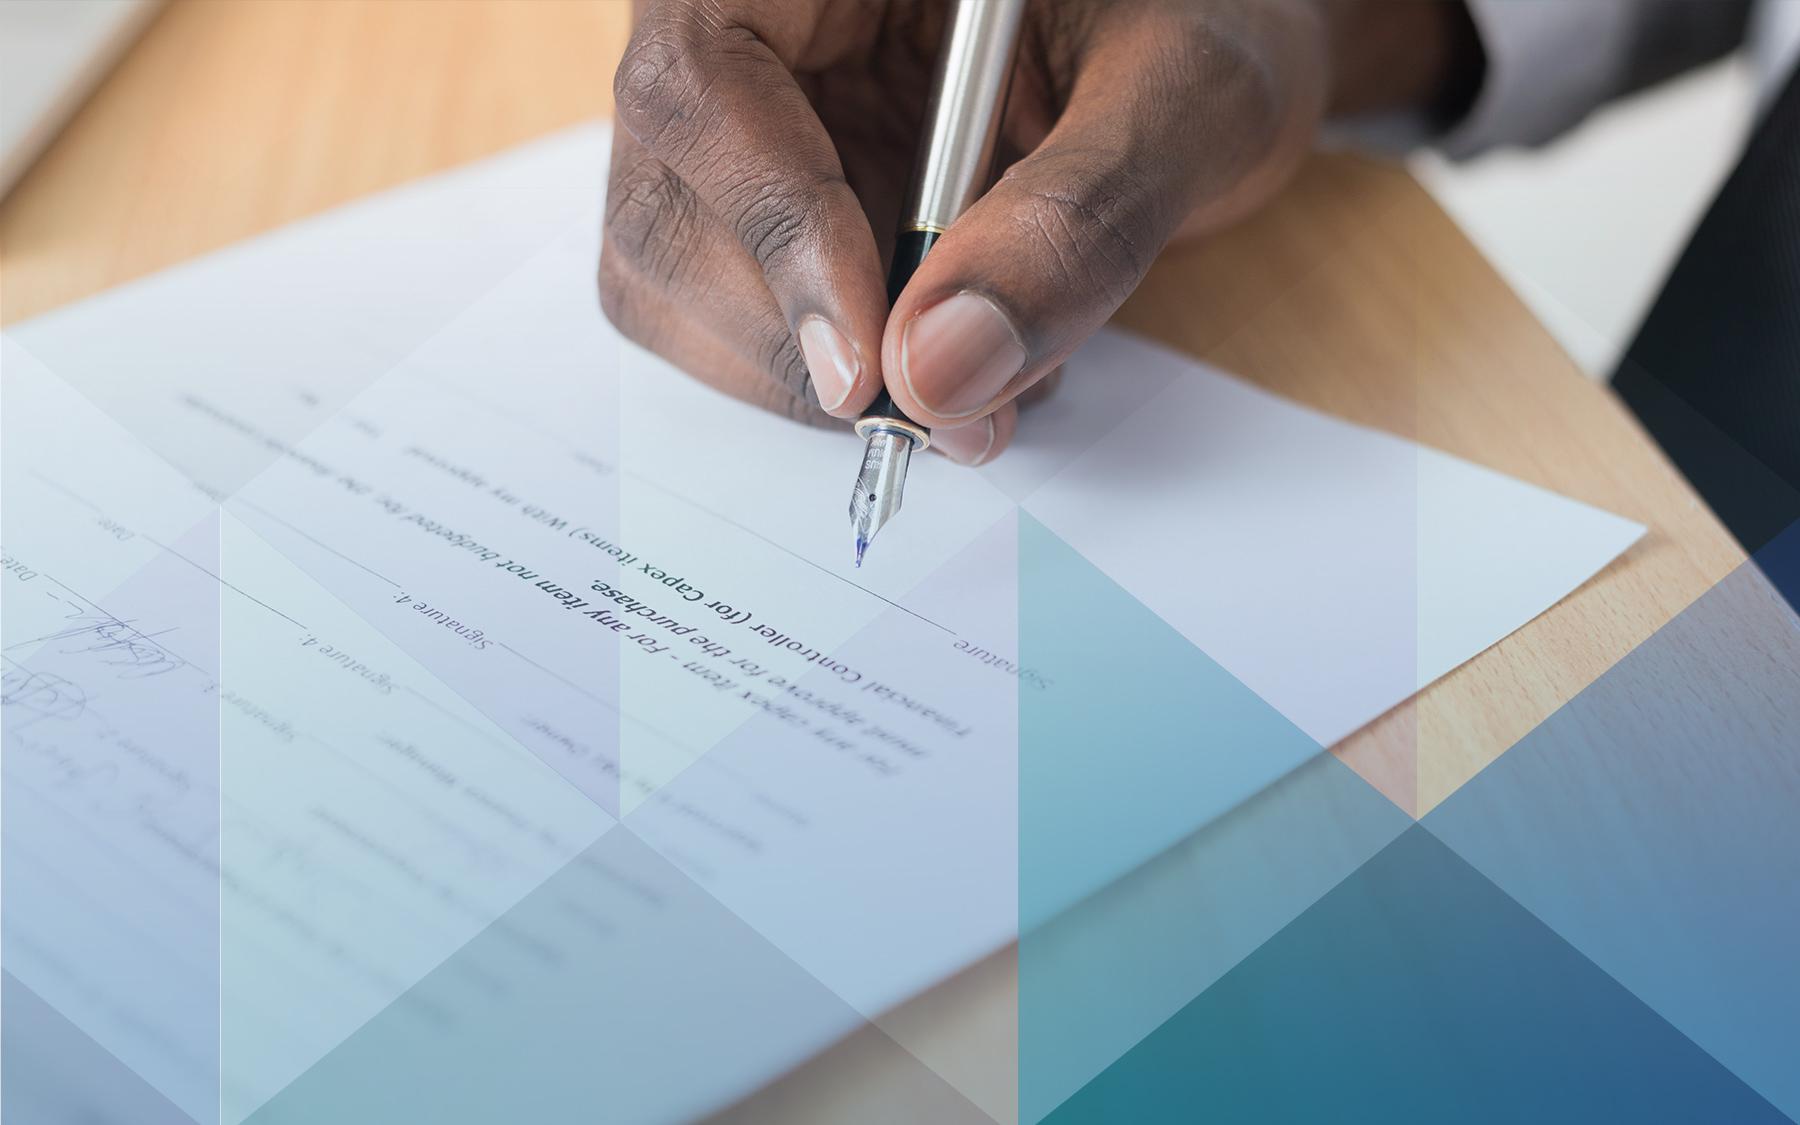 """Imagem de destaque para o texto """"Revisão Contratual"""", mostra a mão de um homem escrevendo em uma folha com uma caneta"""